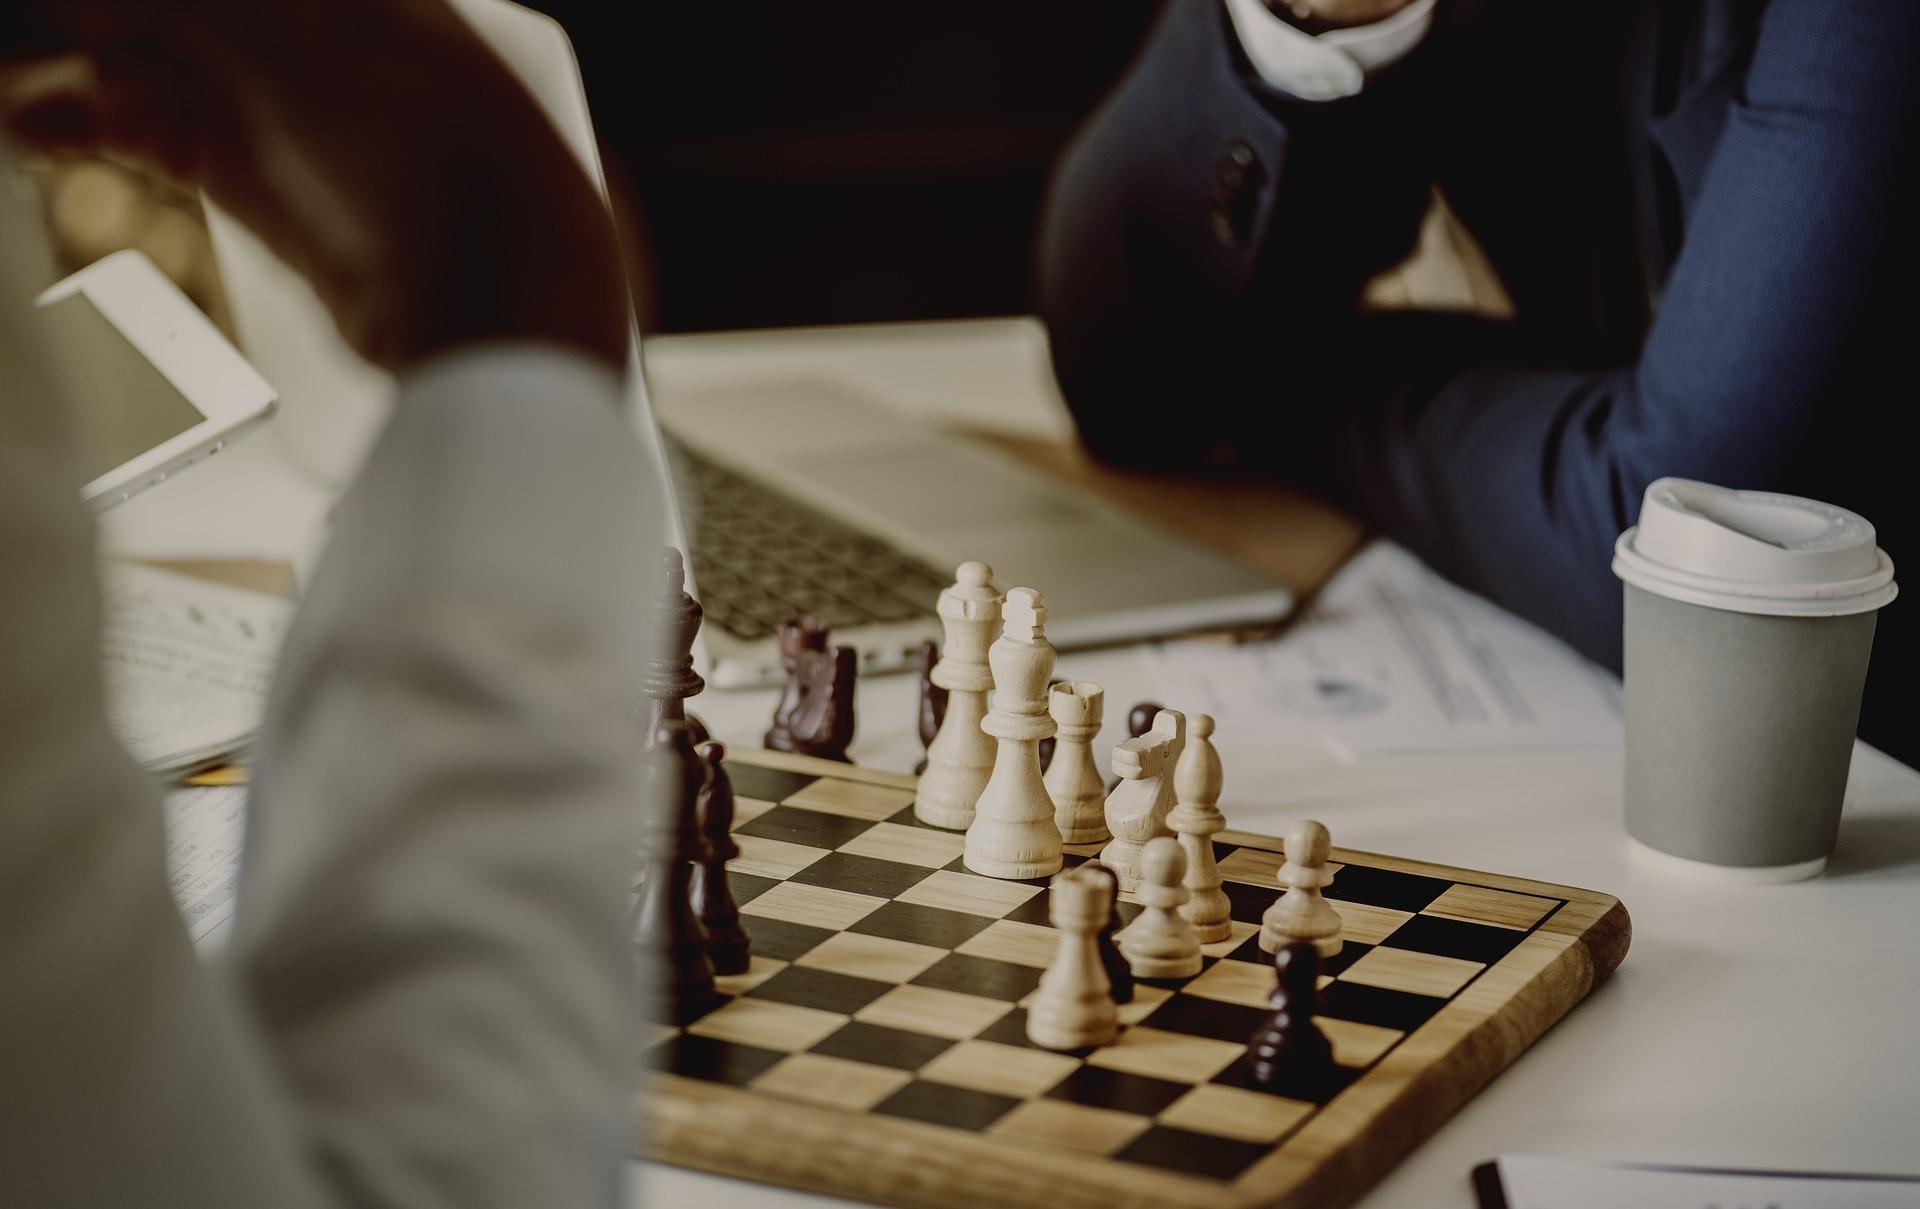 chess-3169976_1920.jpg